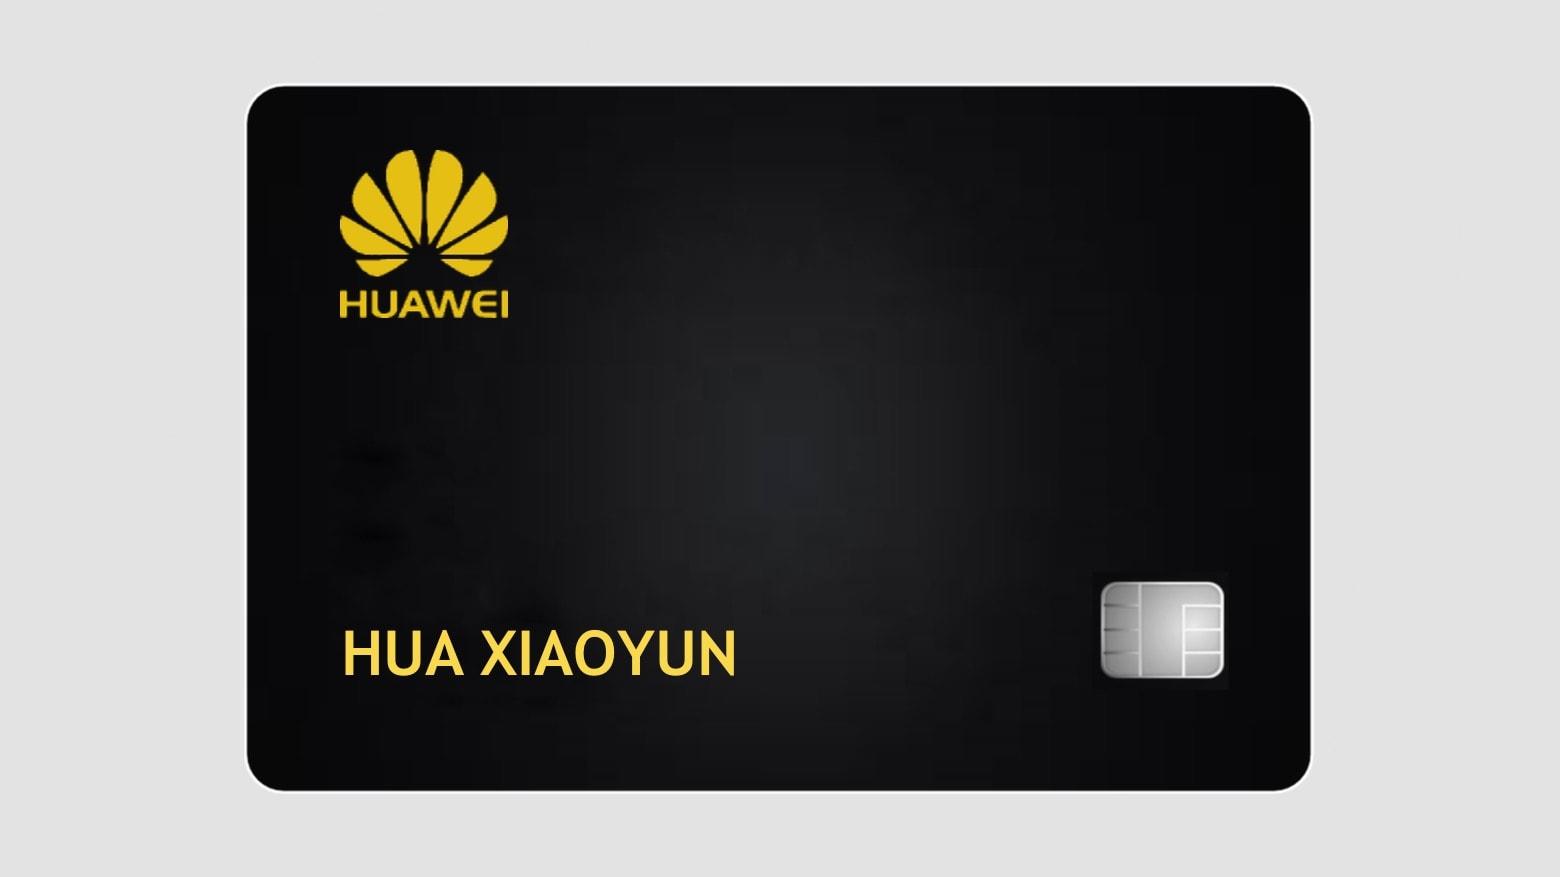 Huawei Card is coming soon